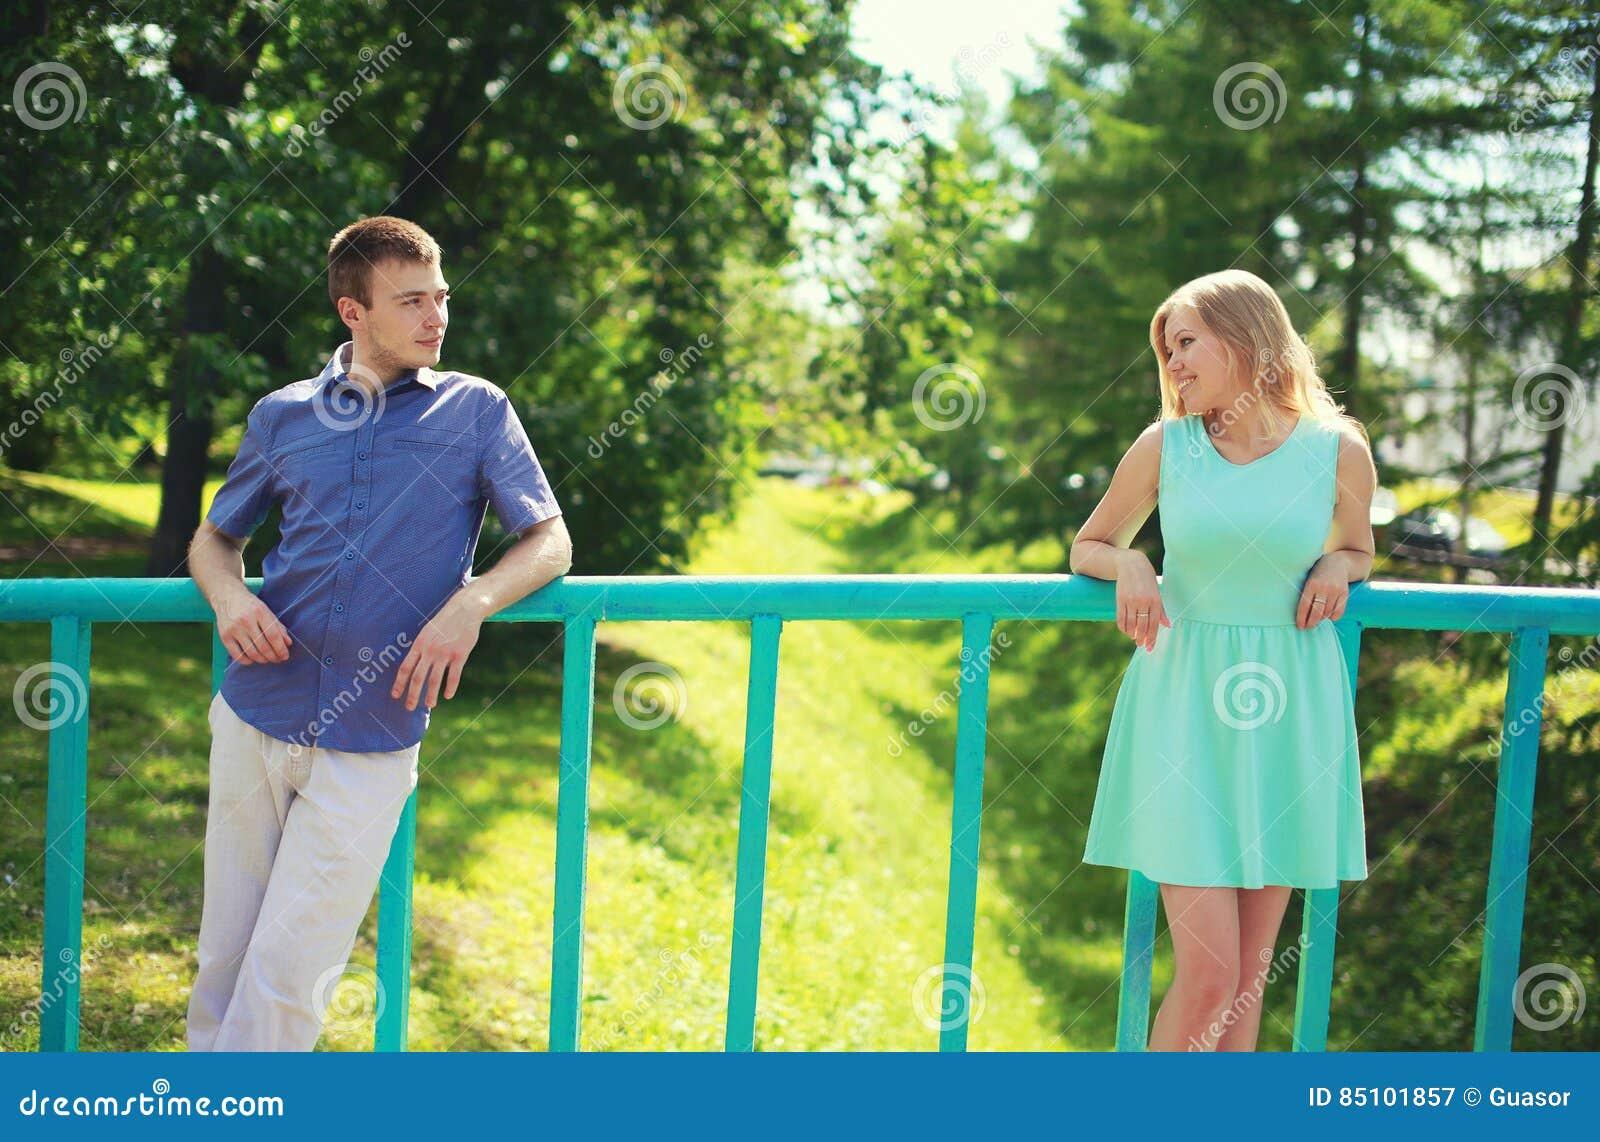 Acople a vista de se na distância - amor, relacionamentos, datando e flertando